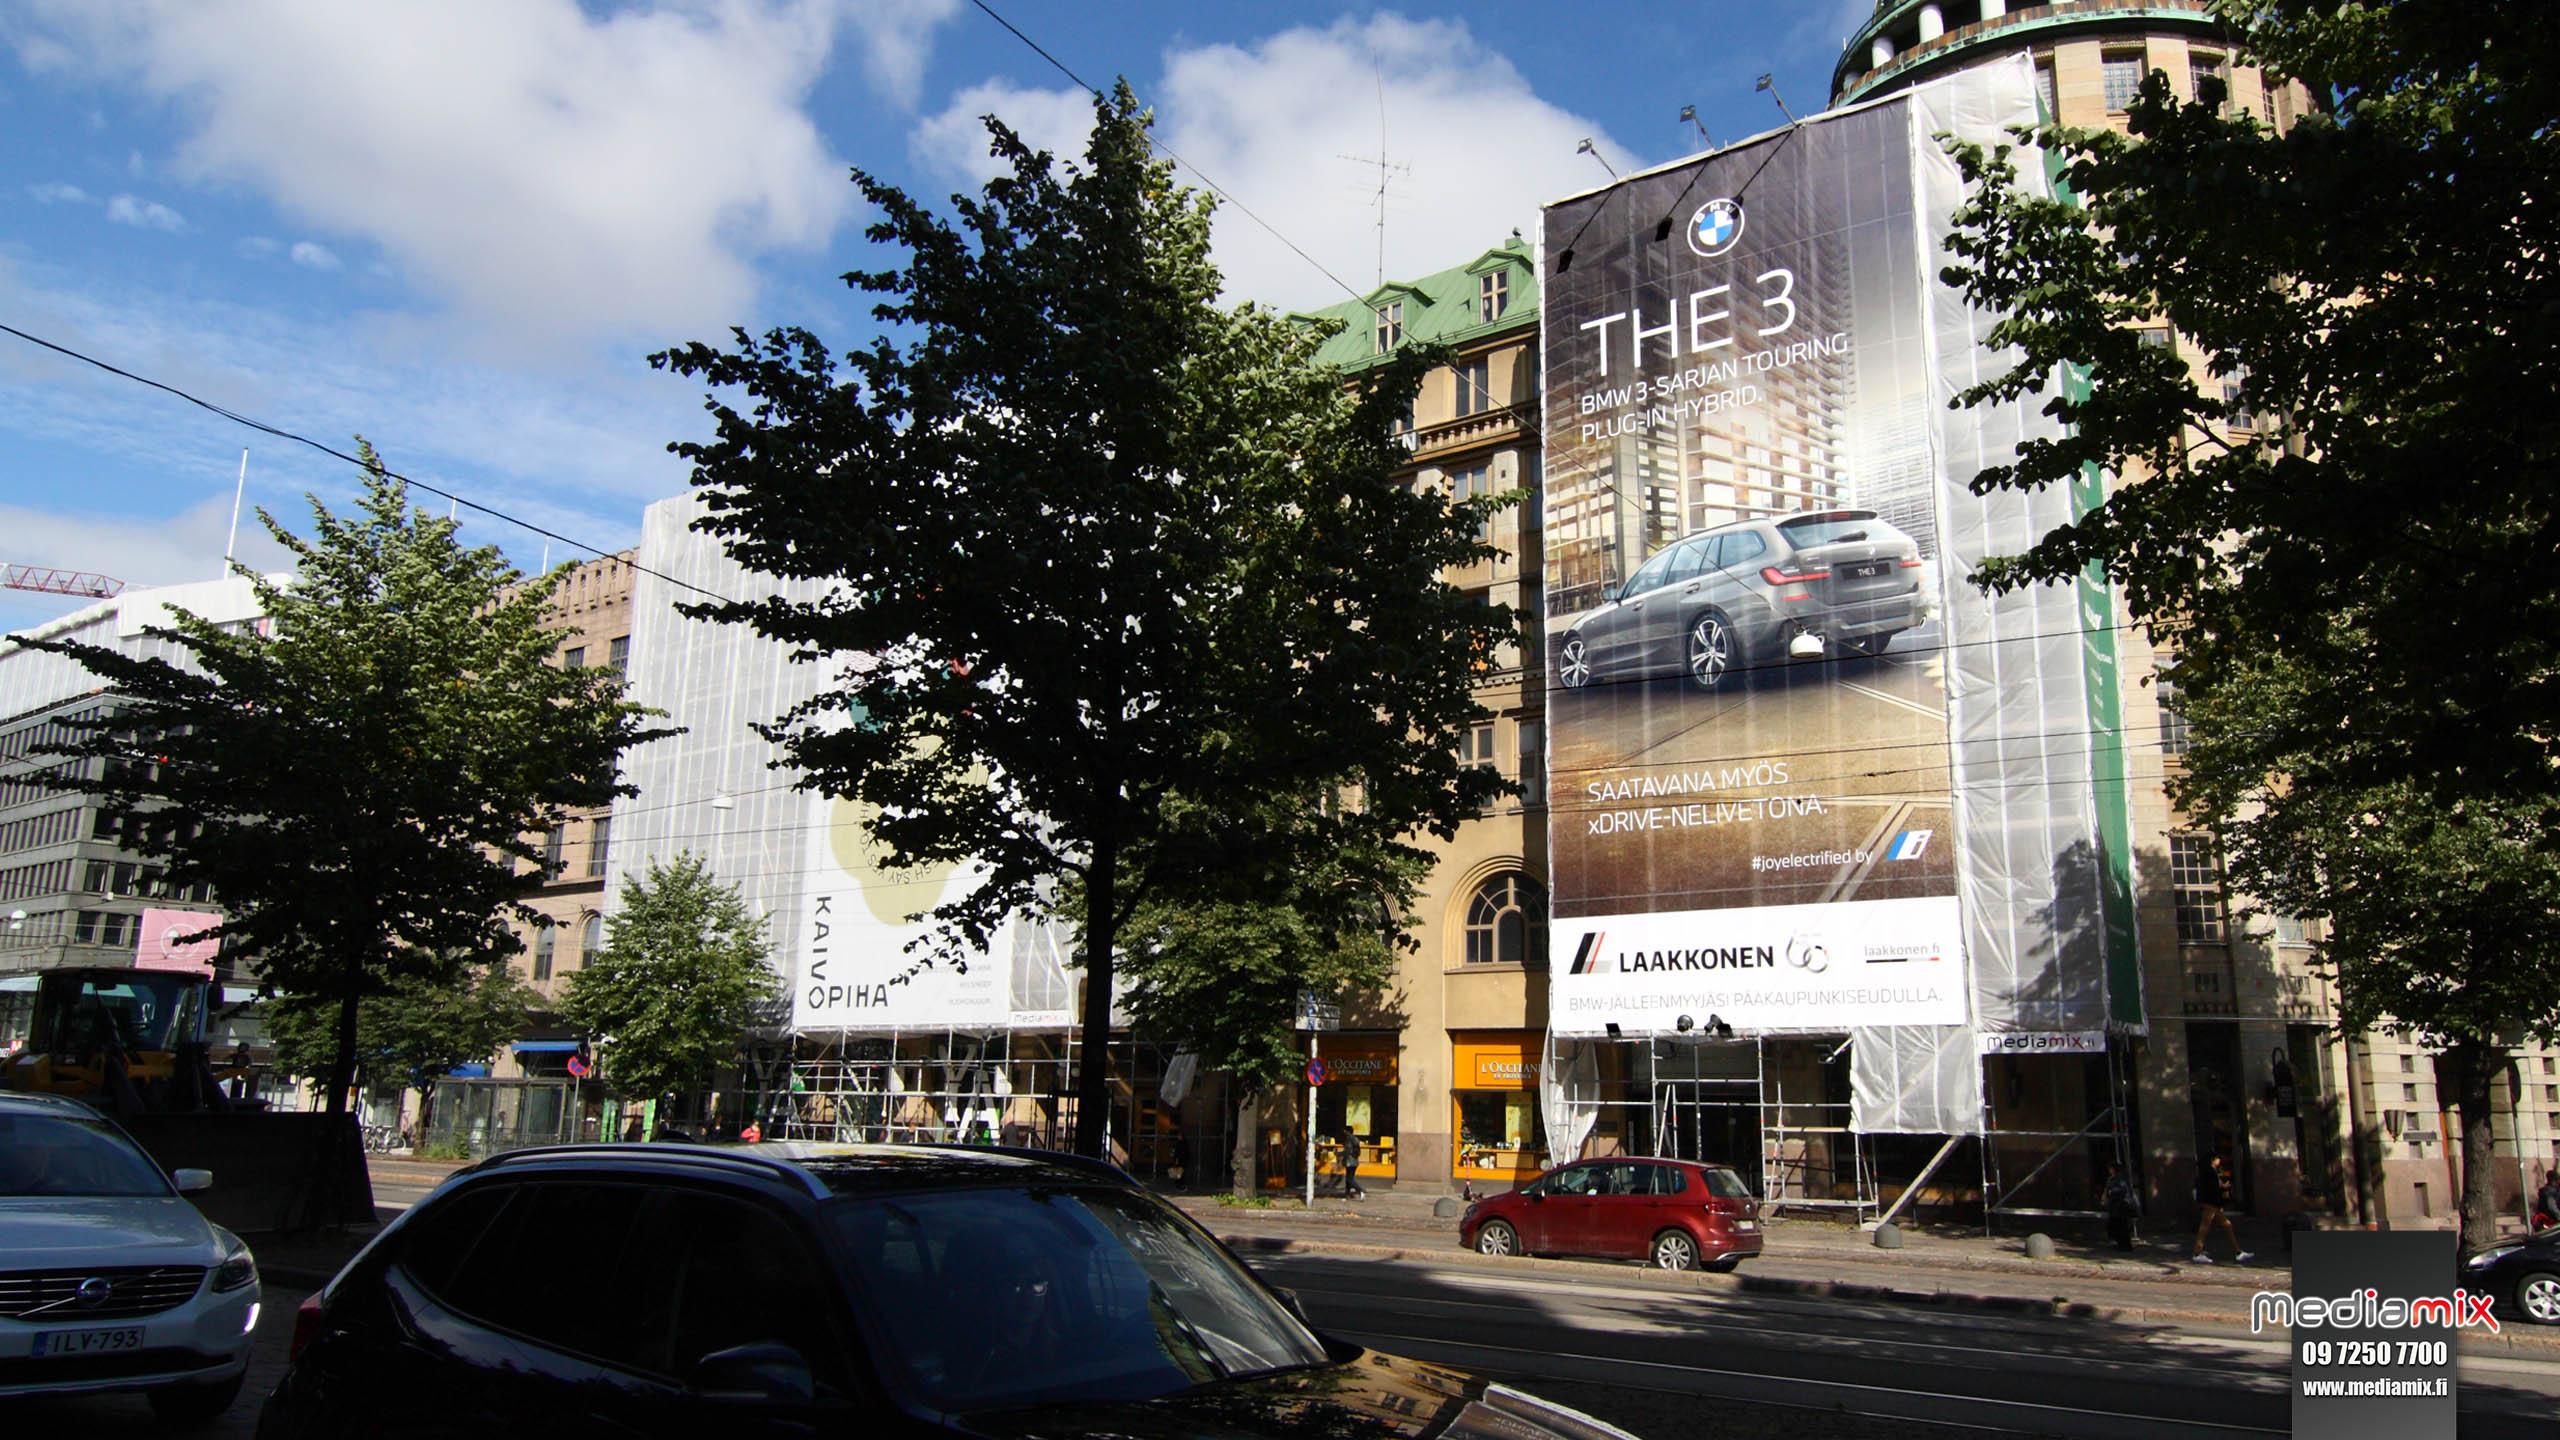 Mediamix jättimedia Helsinki Wall 200 Laakkonen